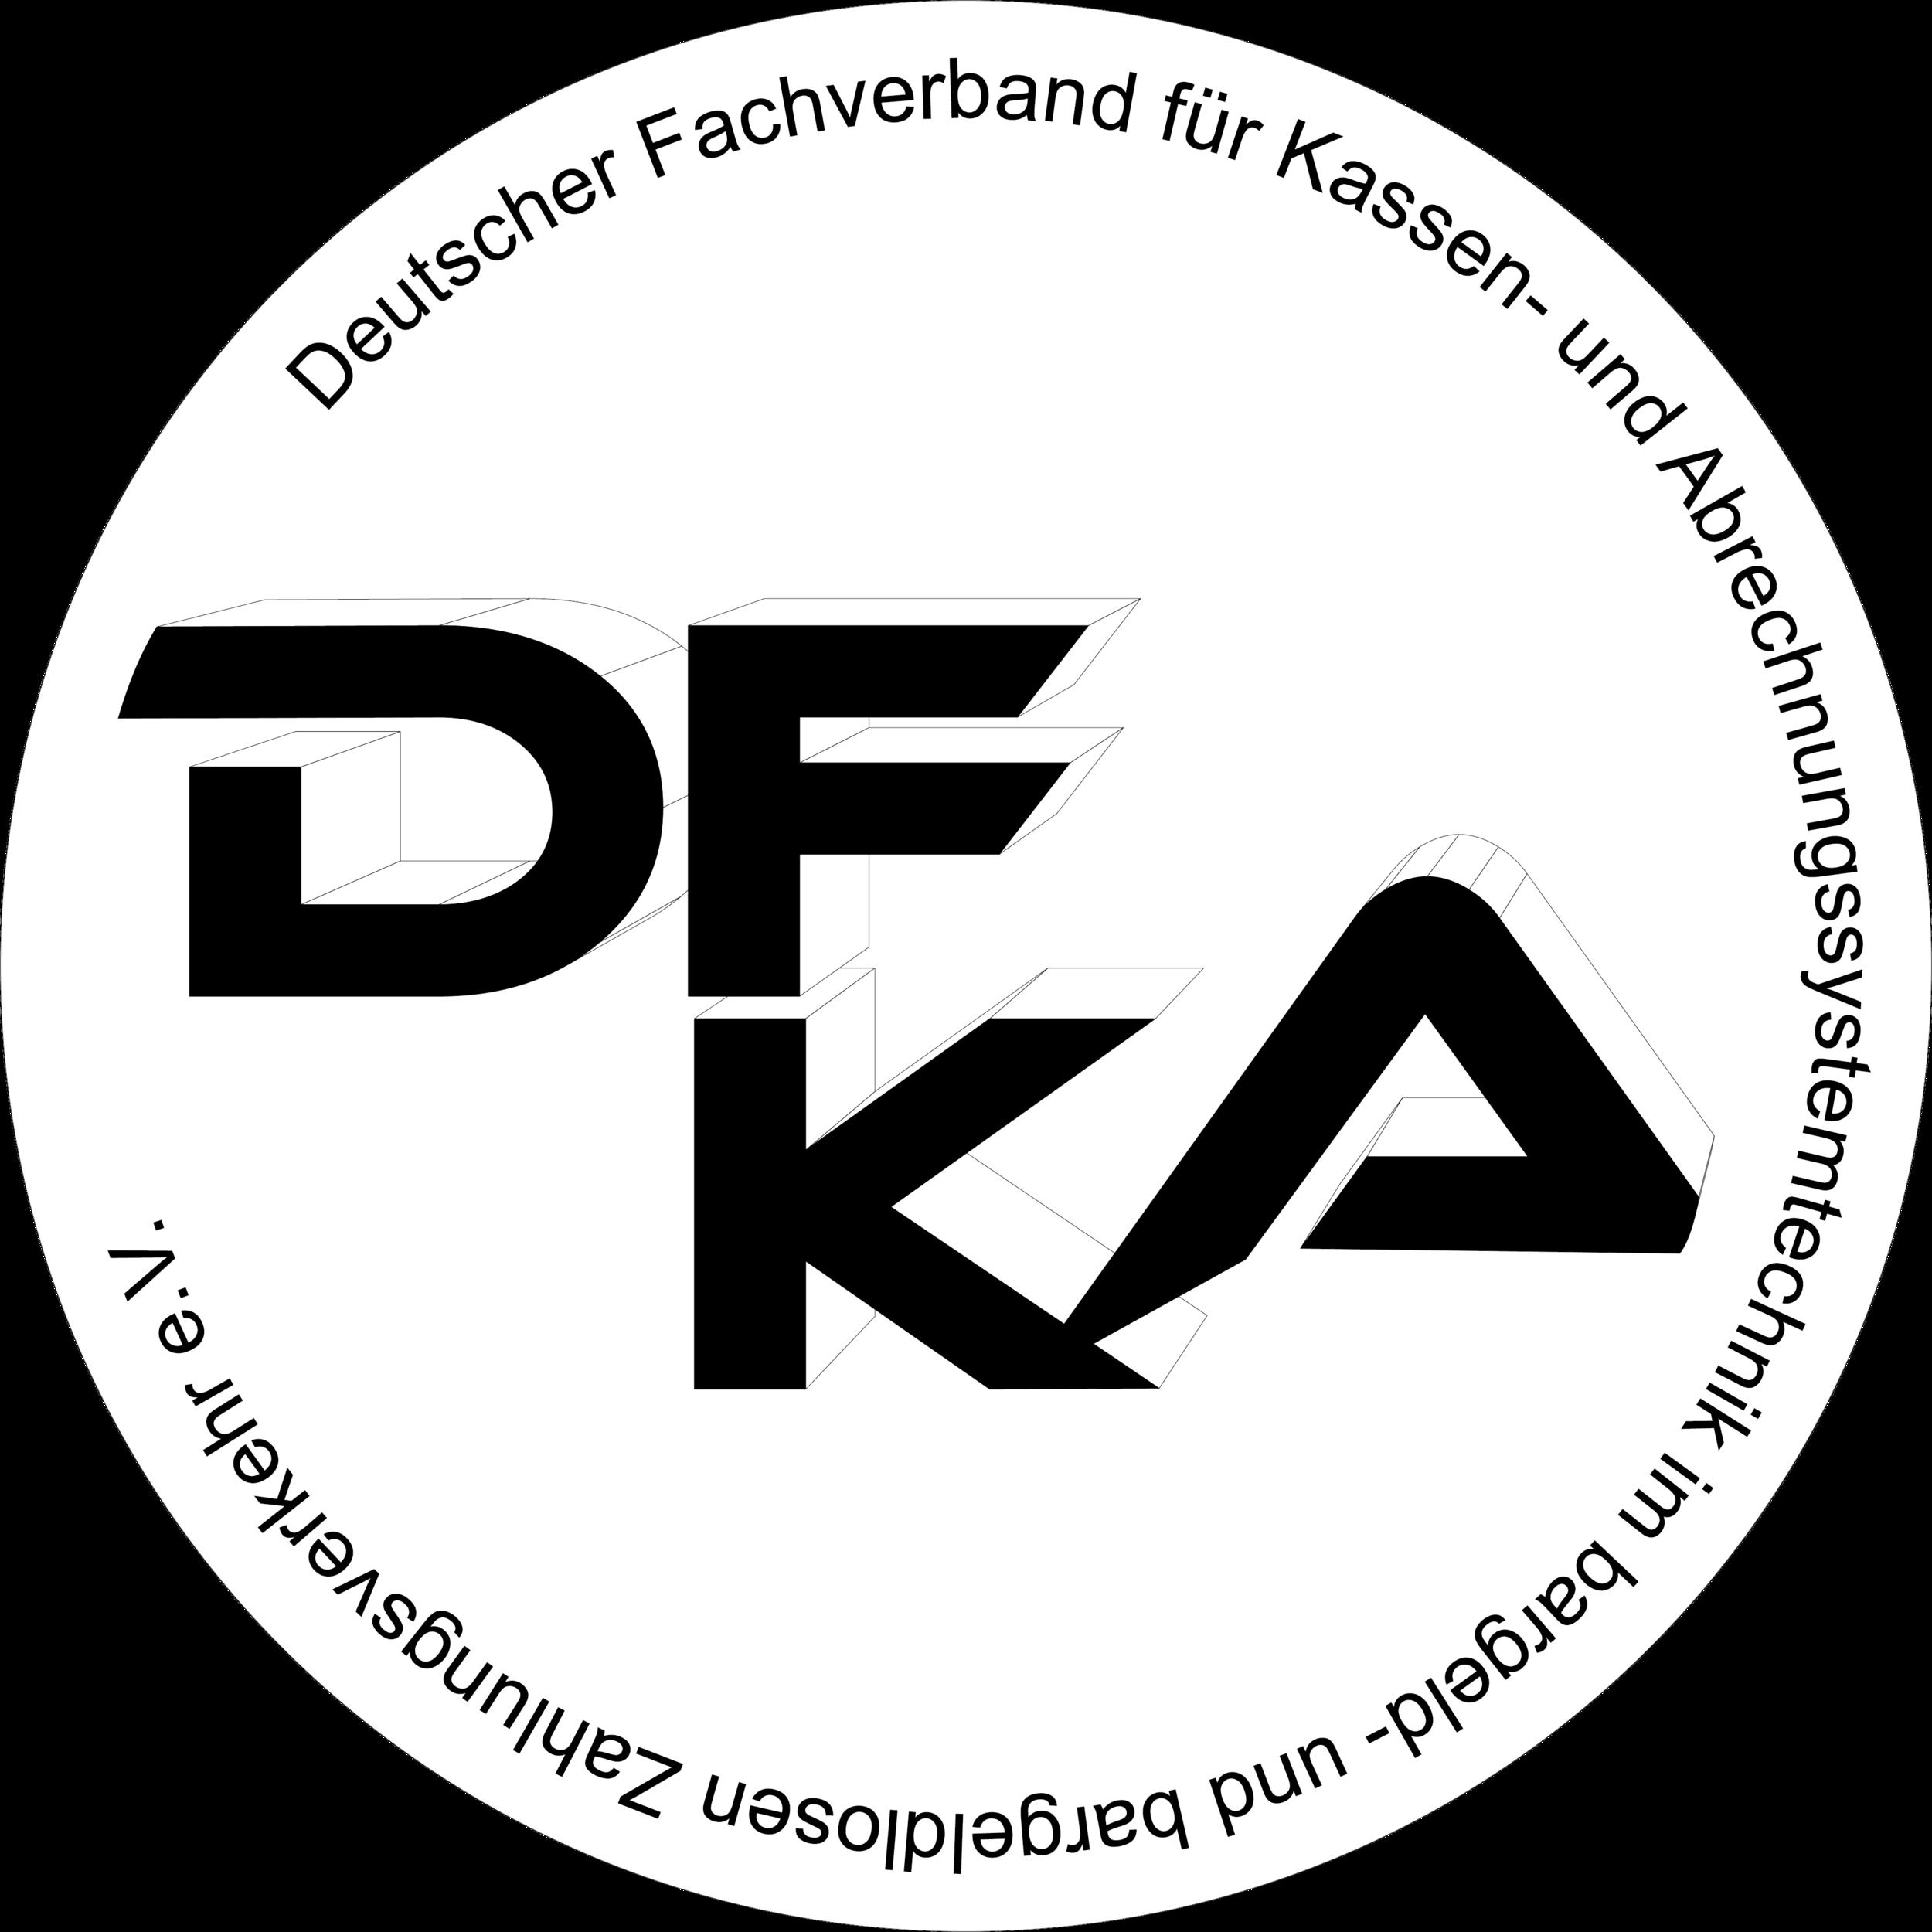 Mitglied im Deutschen Fachverband für Kassen- und Abrechnungssystemtechnik e.V.